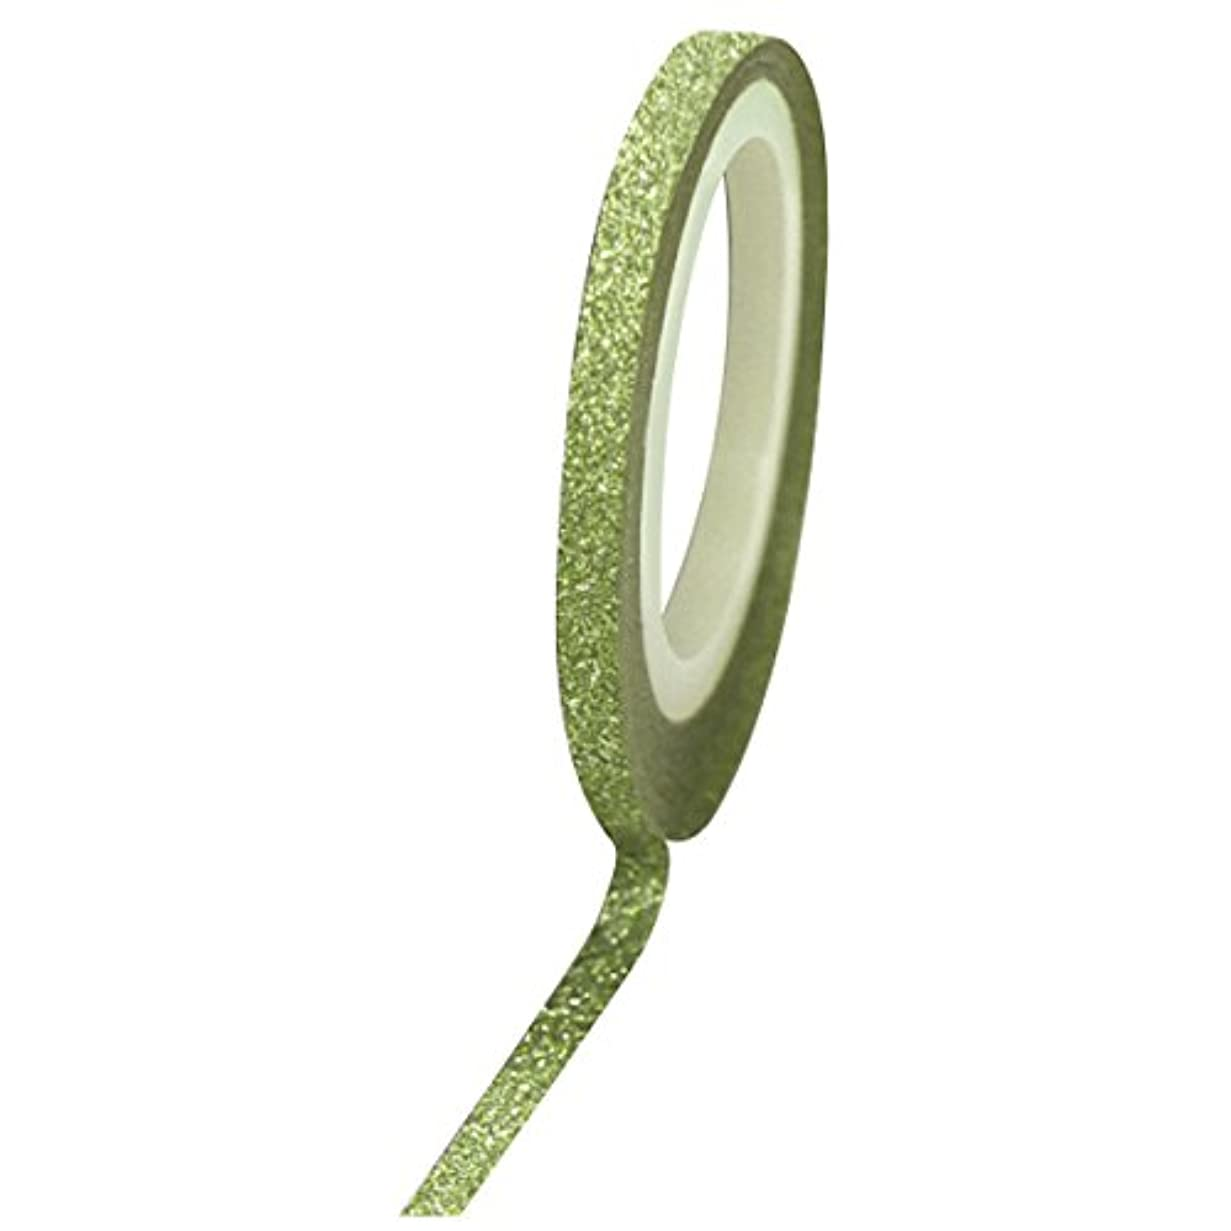 消化器休眠市場Bonnail グリッターラインテープ 3mm グリーンラメ